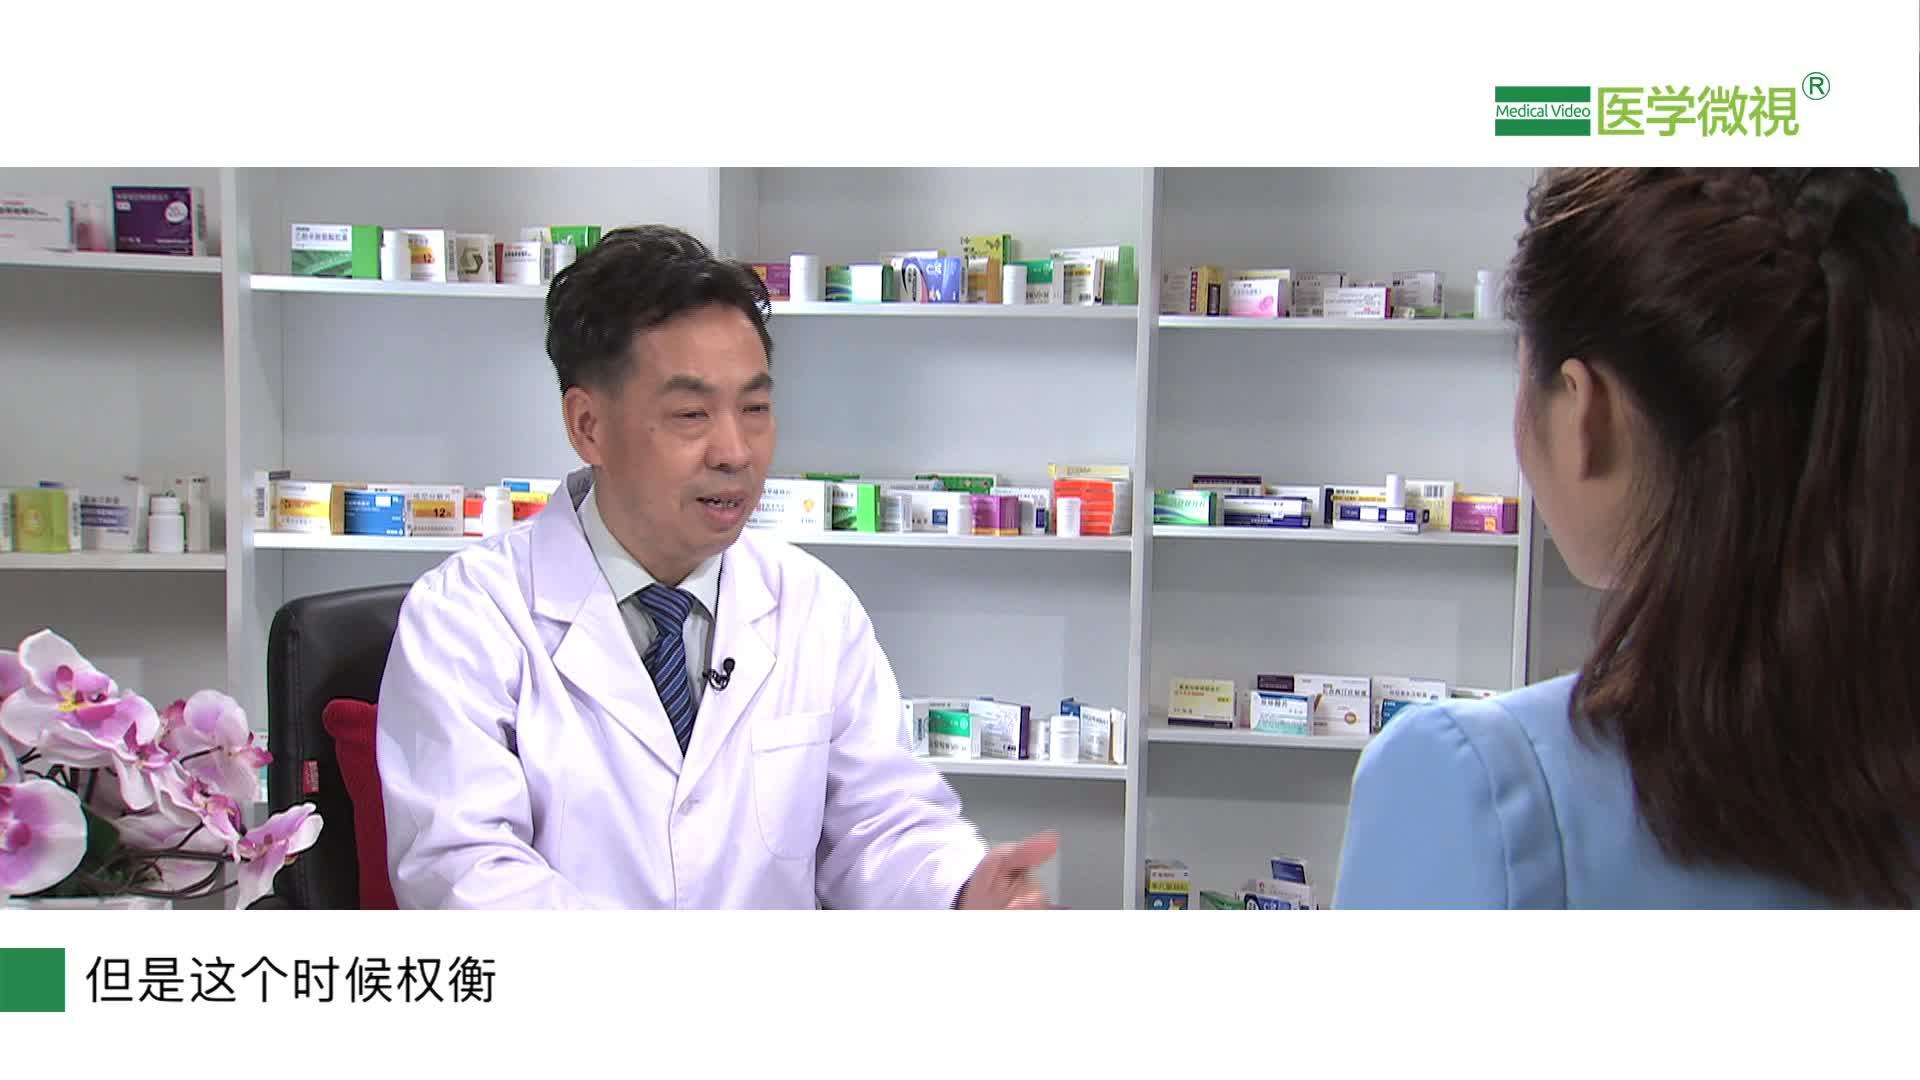 孕期用药要注意什么?哪些药会导致胎儿畸形?孕期用药的原则?